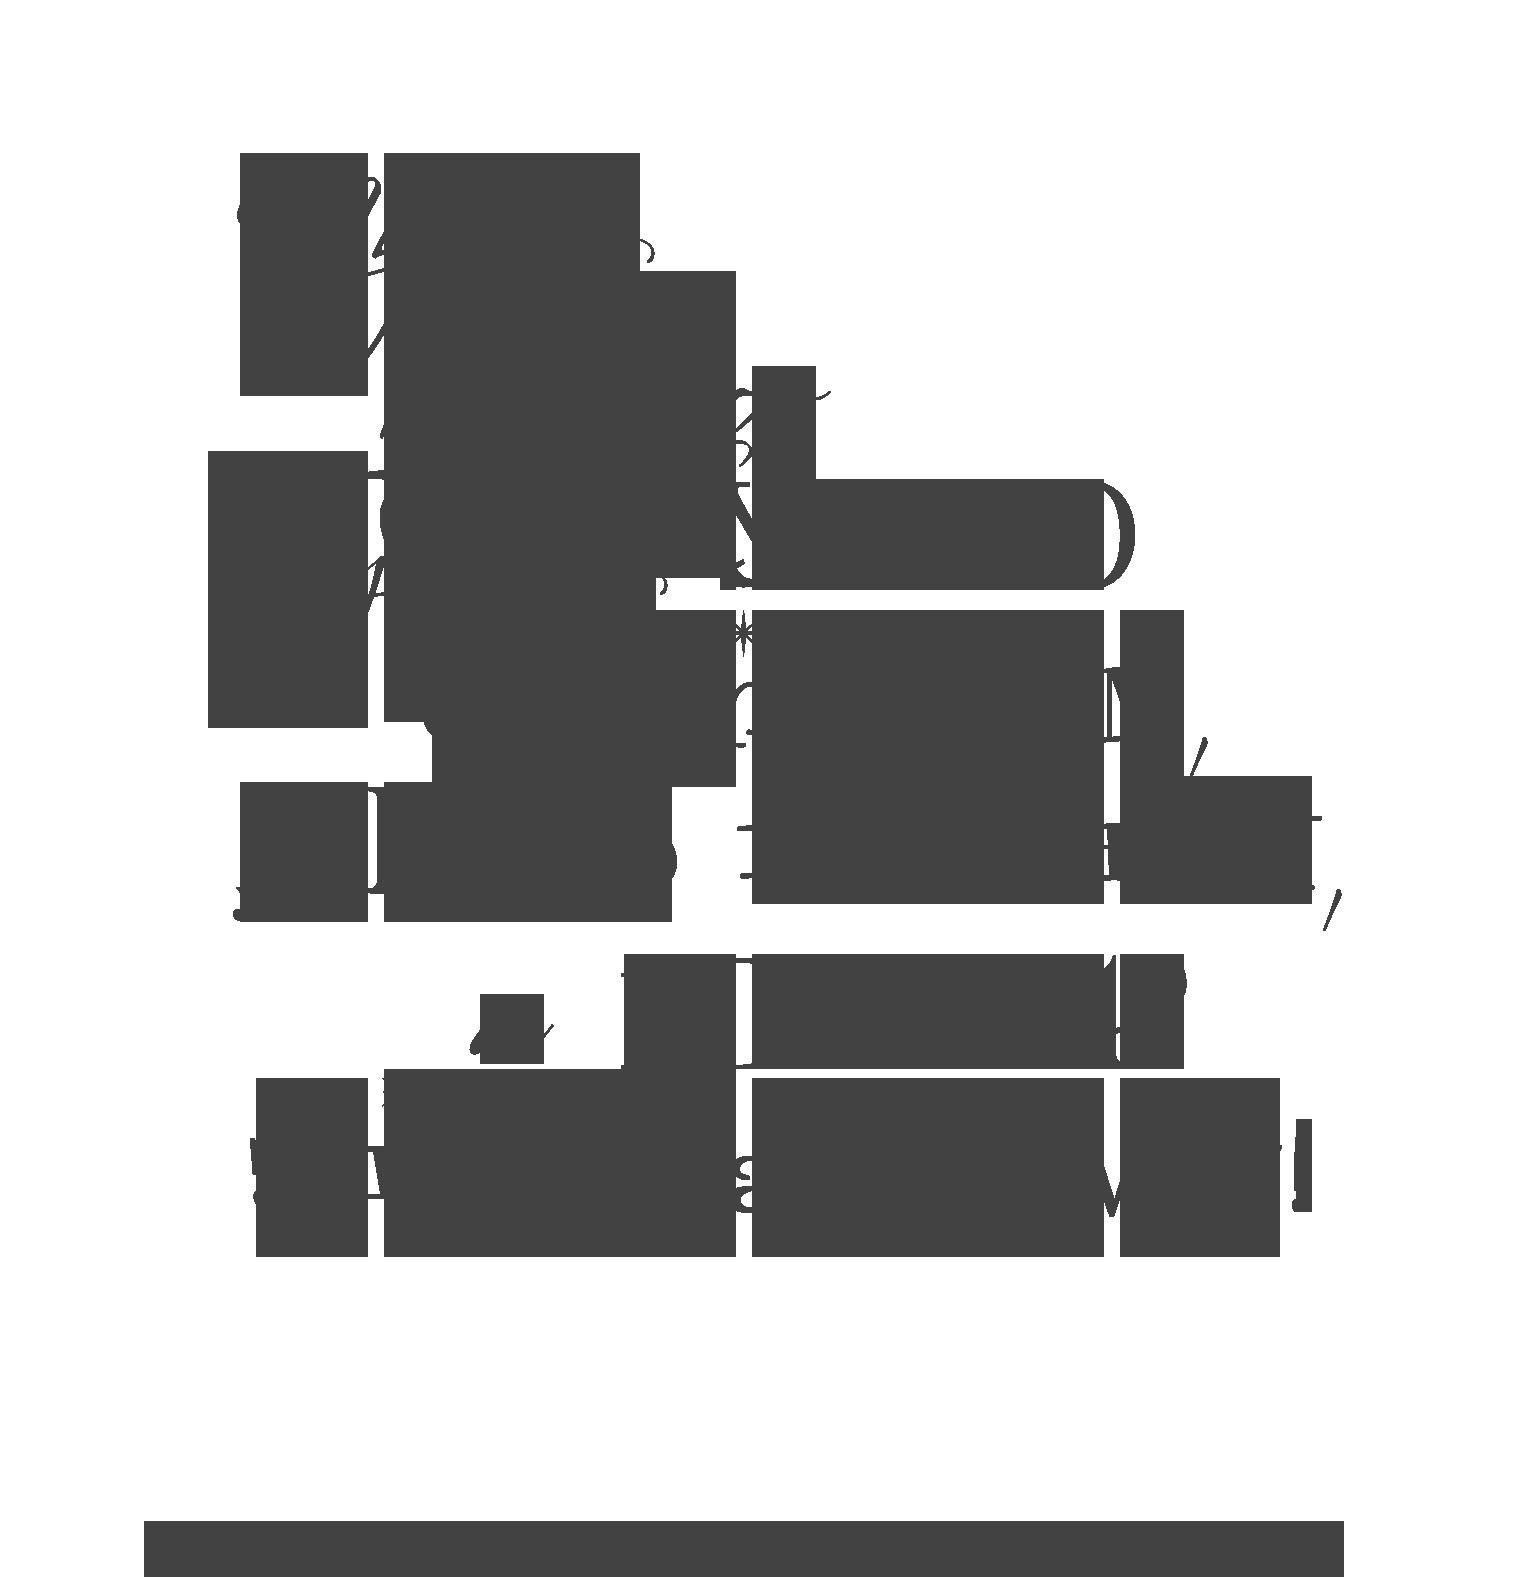 Скрапбукинг надпись для открытки с днем рождения